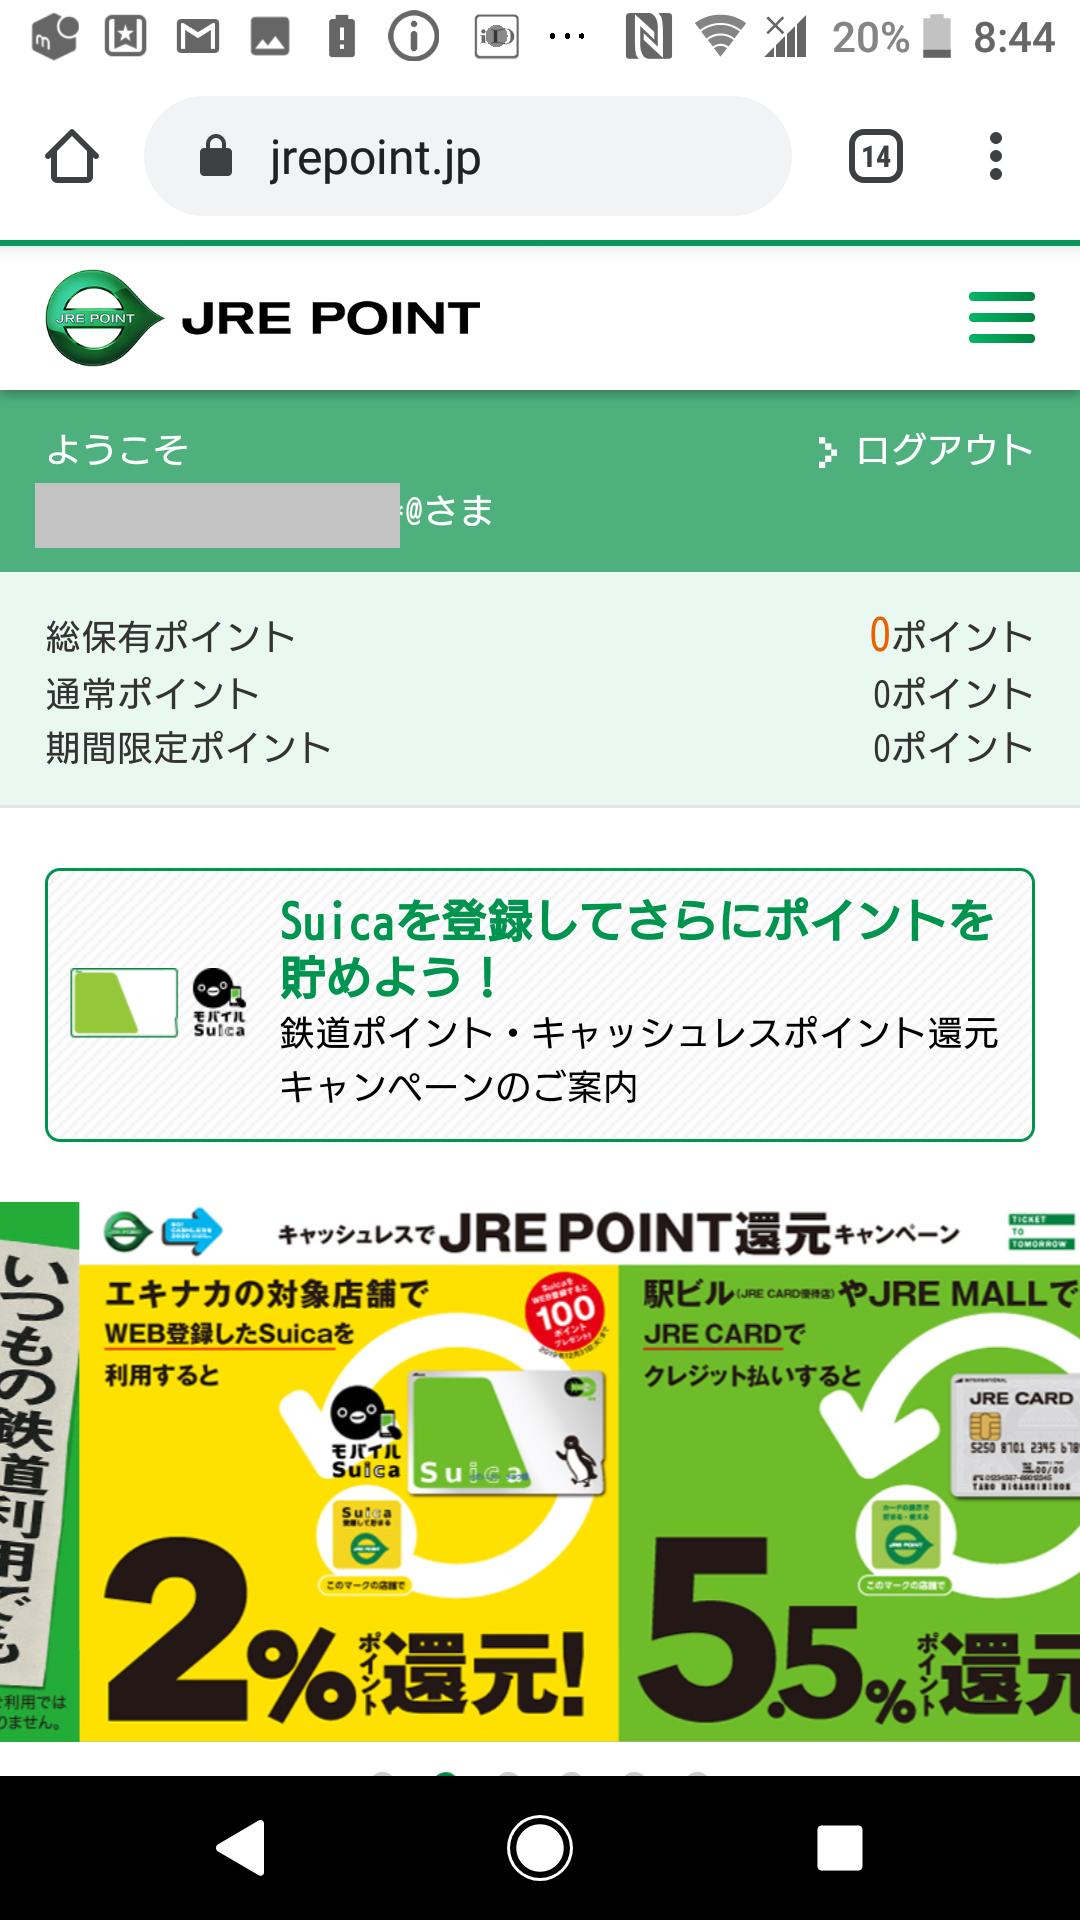 JREPOINTWebサイト登録方法の画像_40